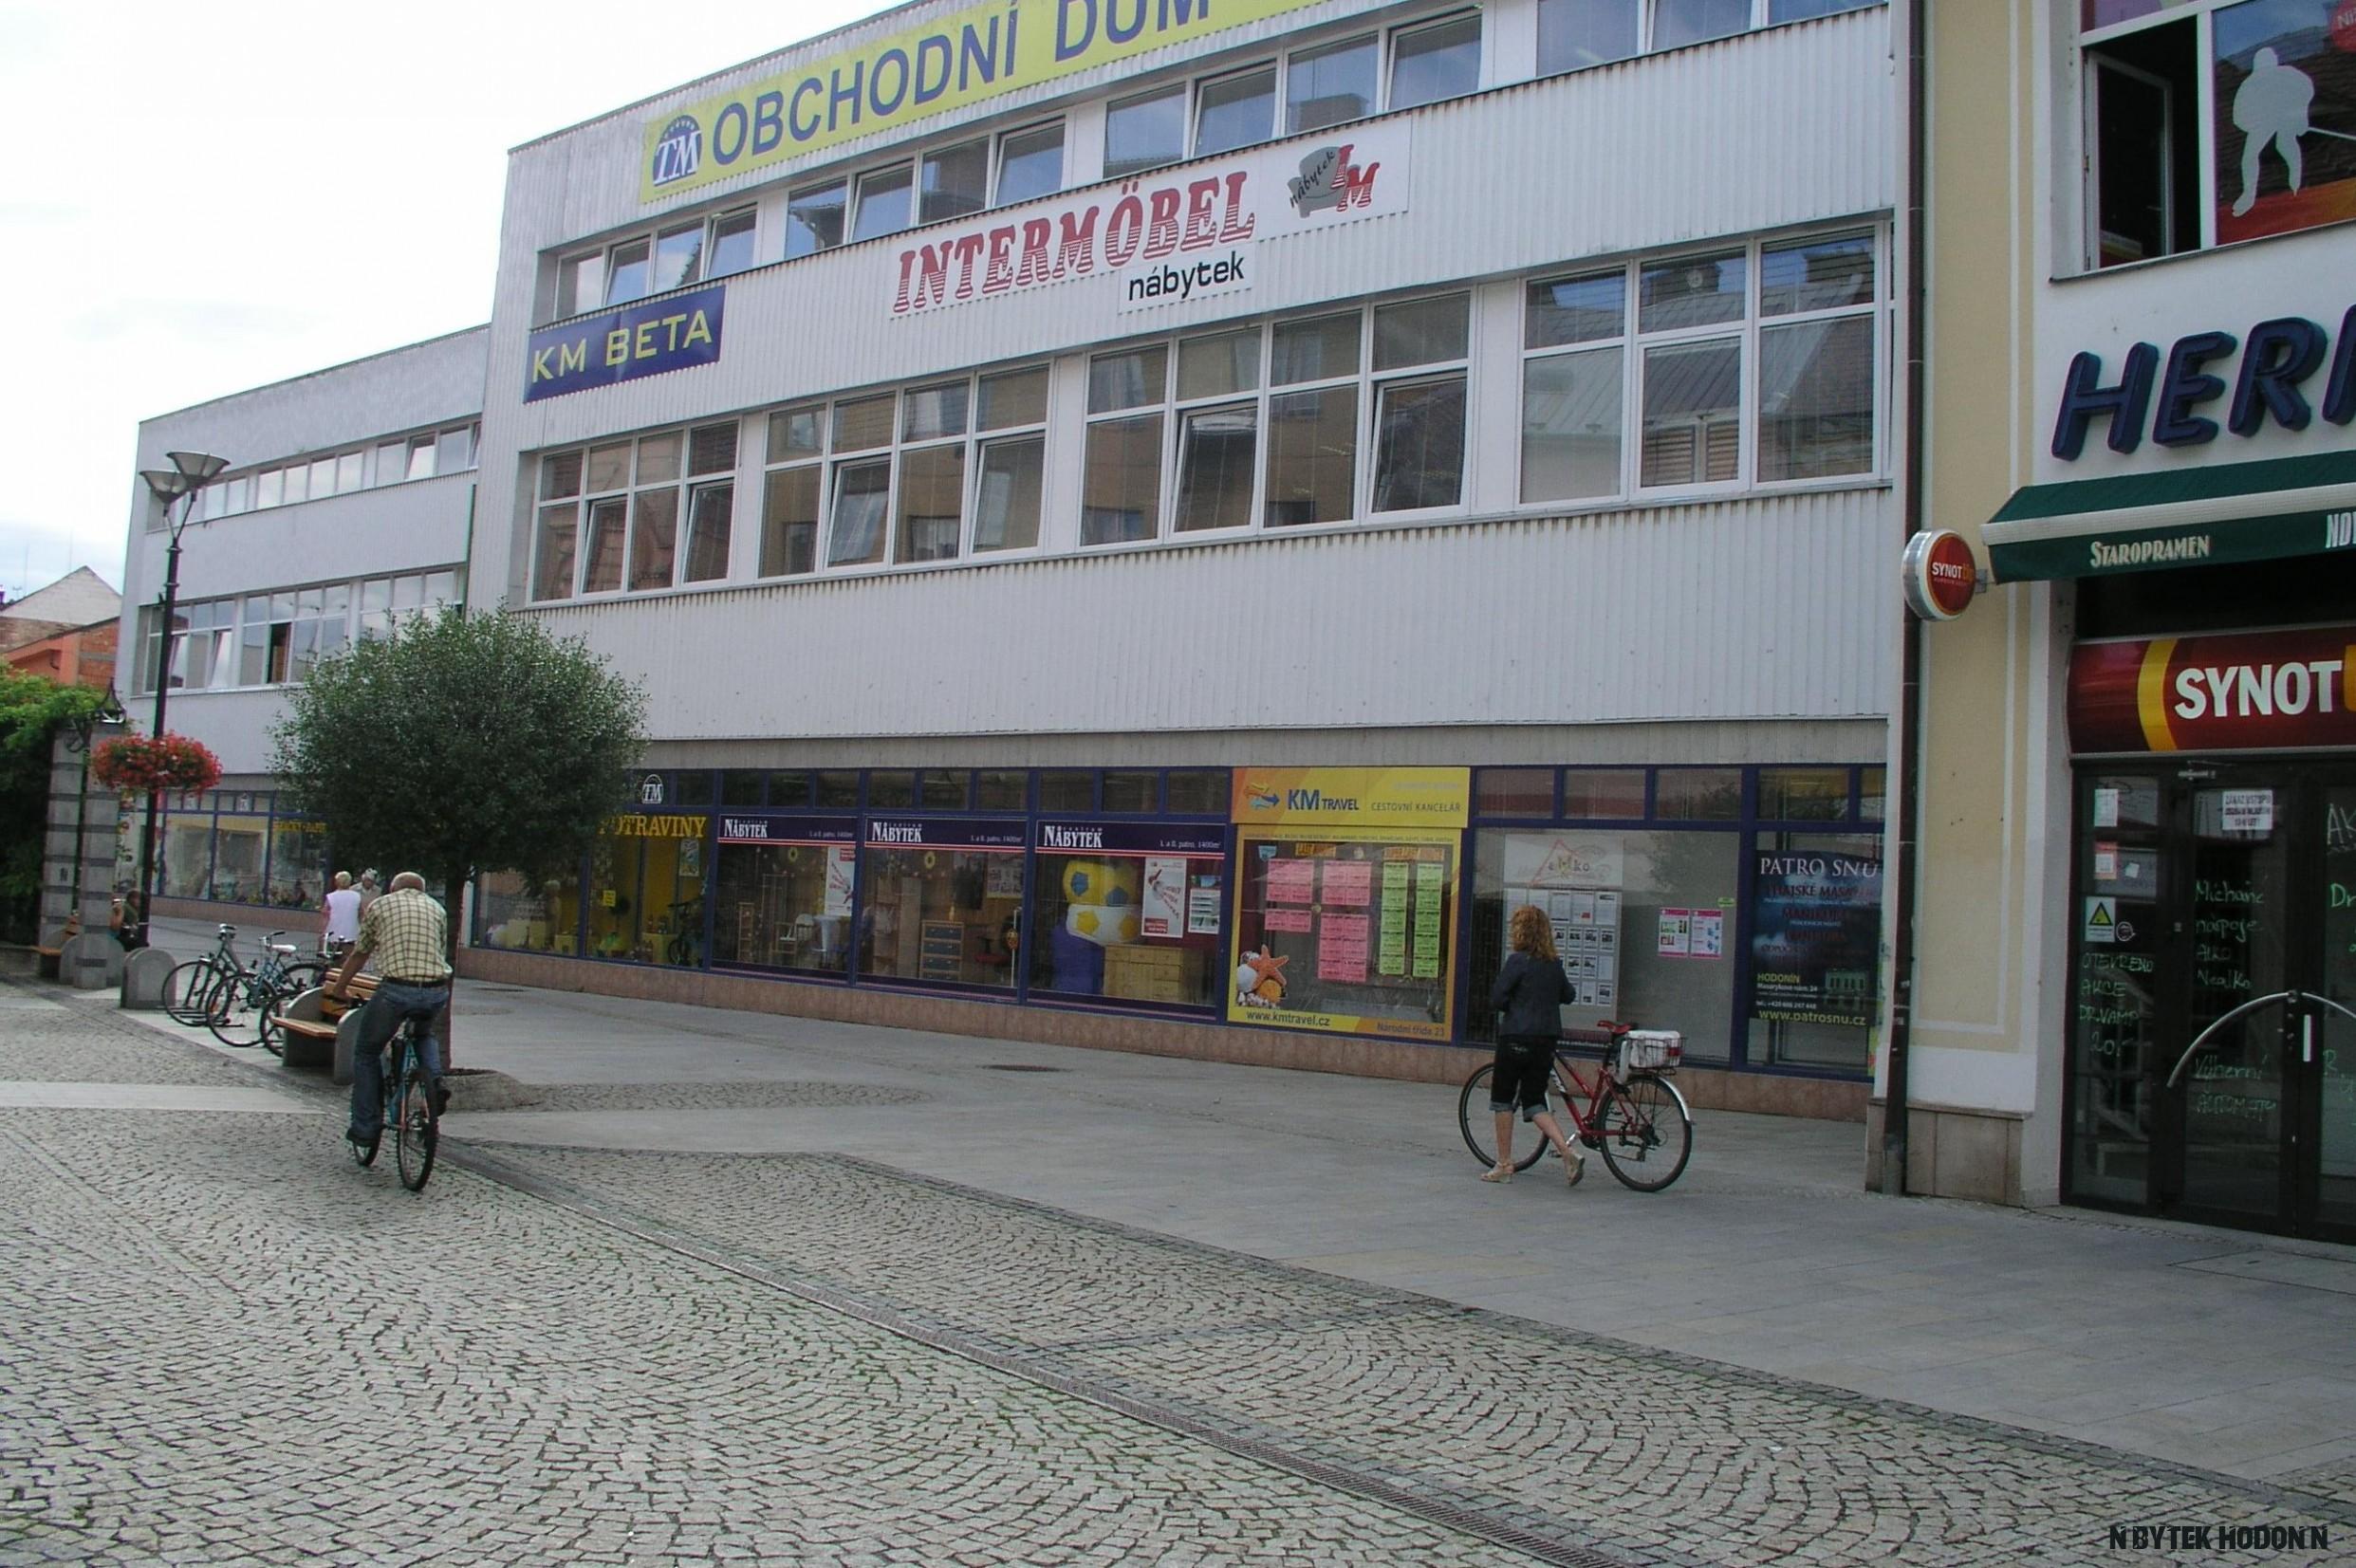 Obchodní dům CENTRUM (Hodonín), IČO 14, telefon, adresa